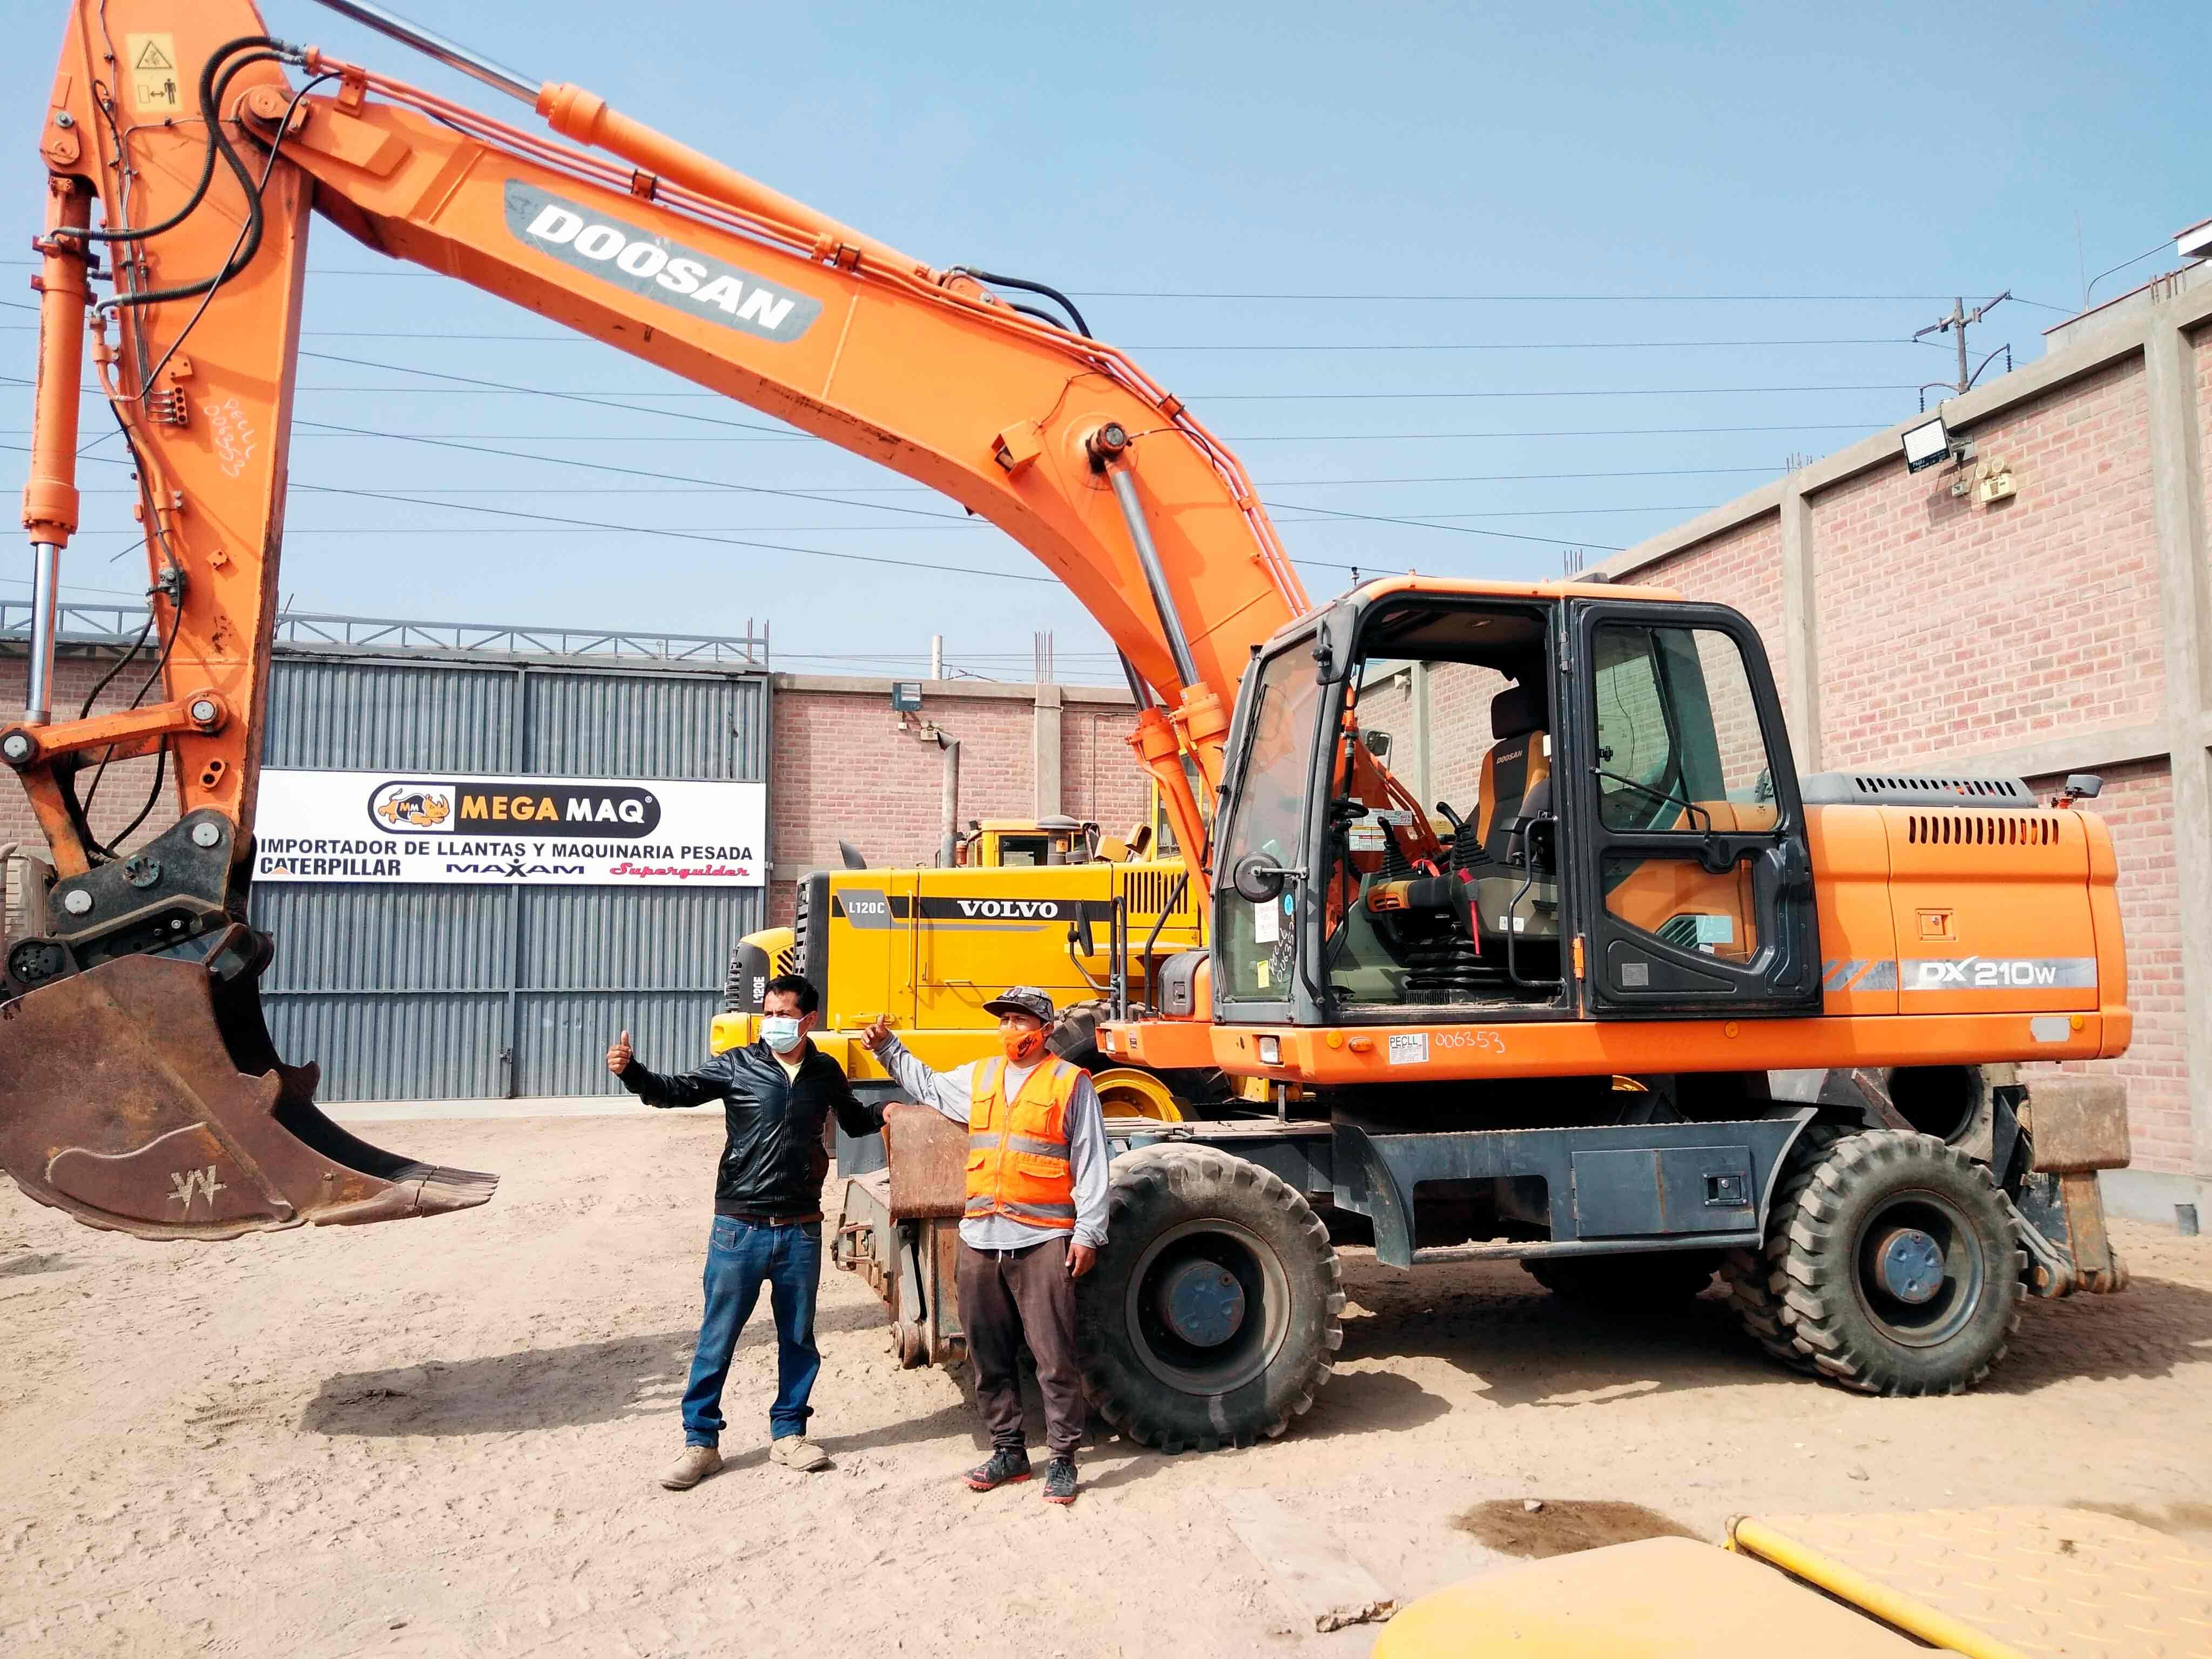 maquina excavadora en megamaq peru